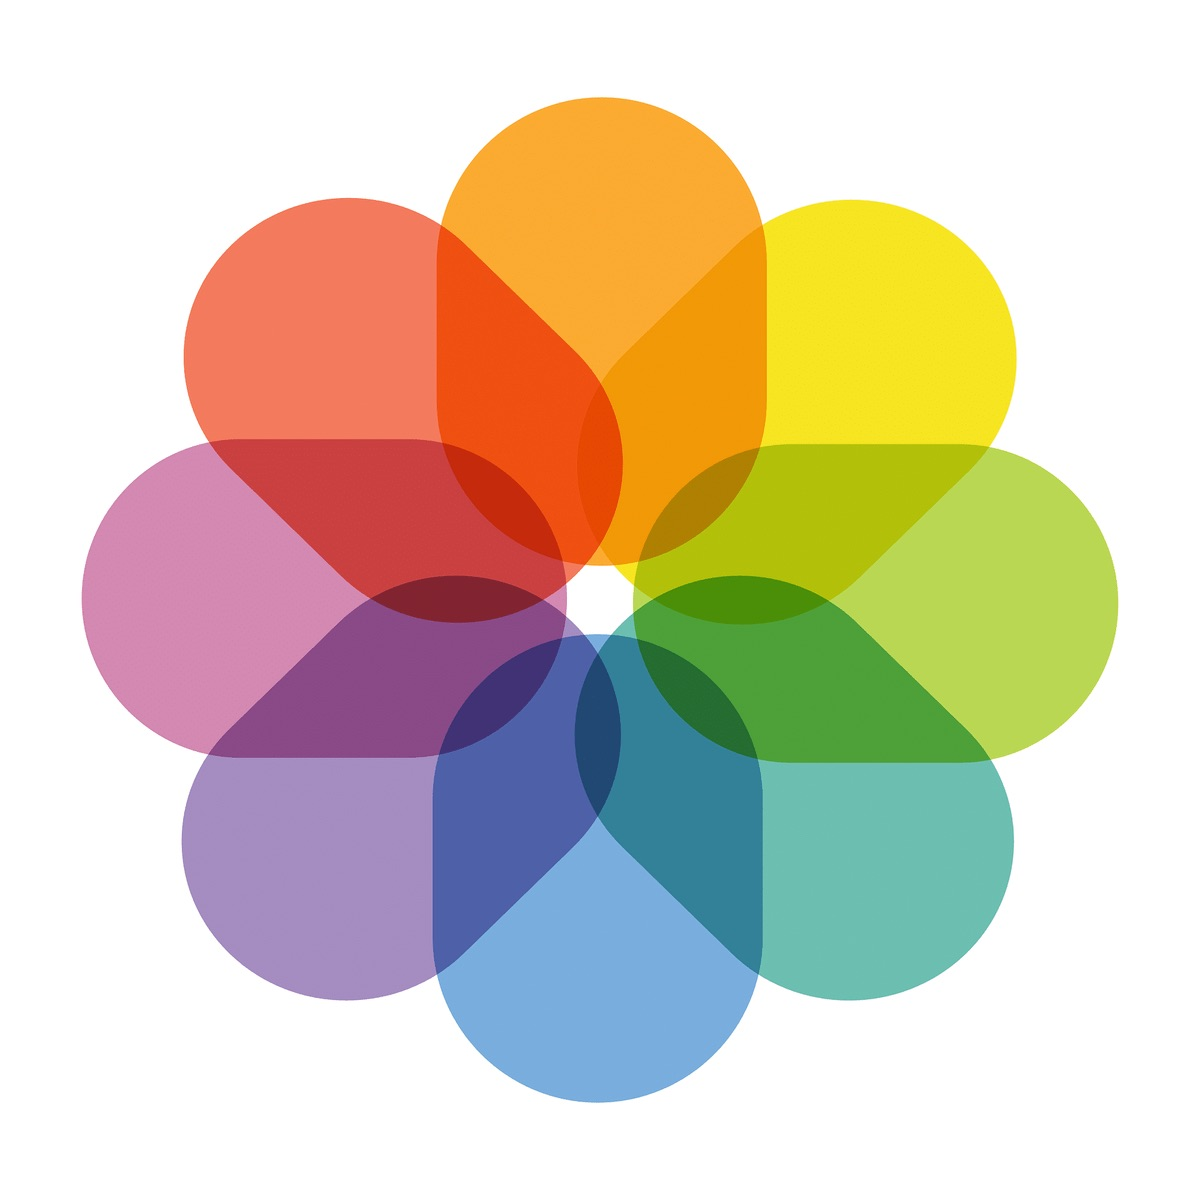 自行製作 iPhone相簿照片上鎖功能教學